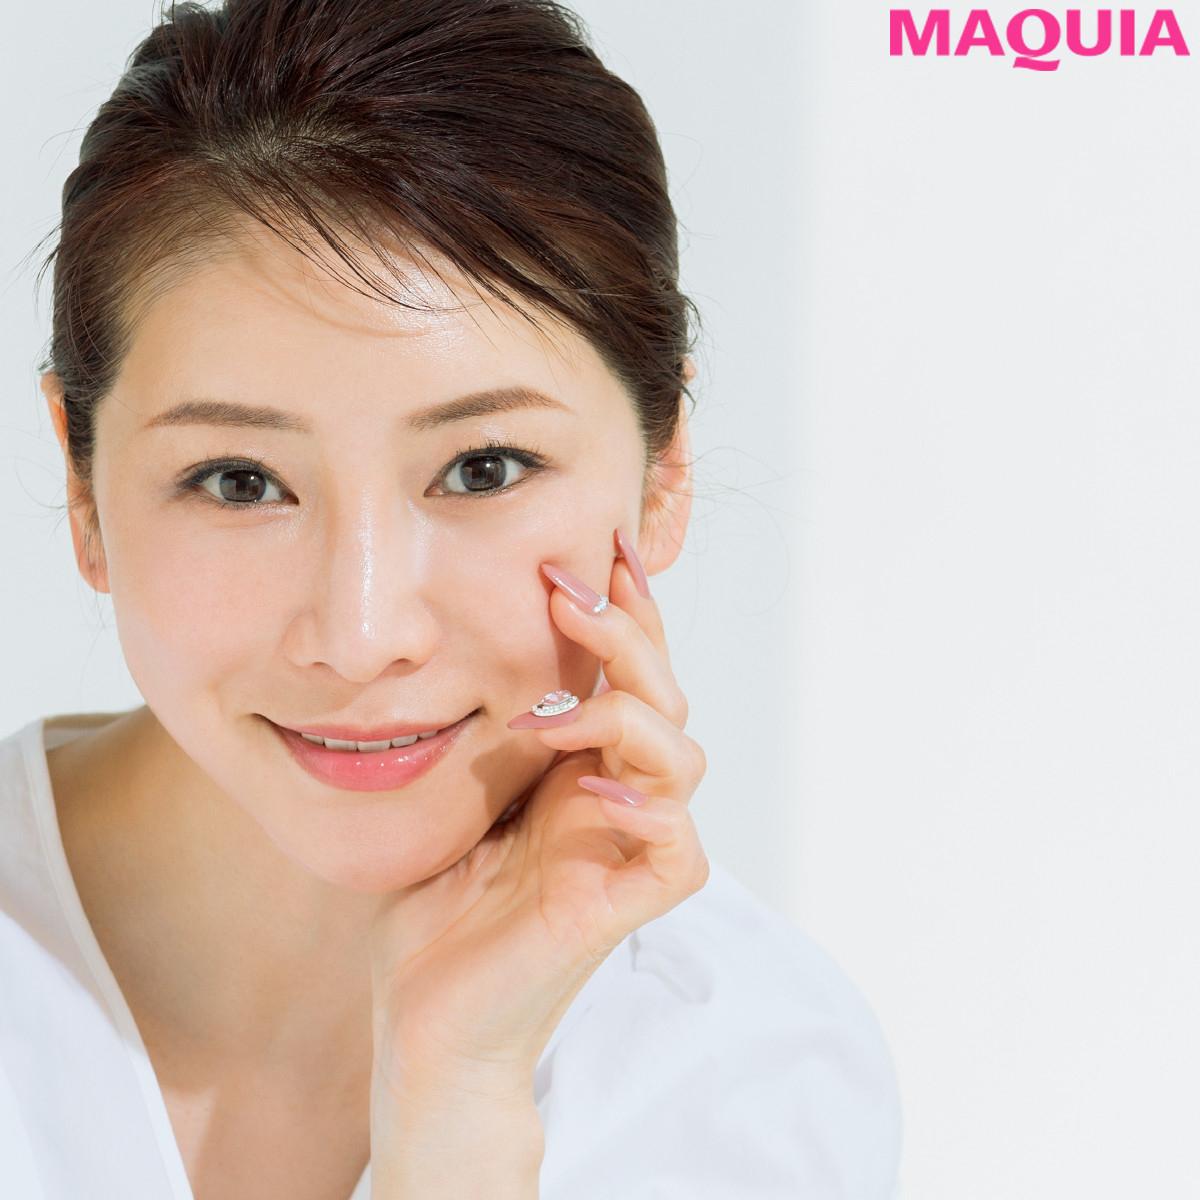 美魔女・水谷雅子さんにインタビュー!「どう見ても30代」な奇跡の50歳の美容法とは?